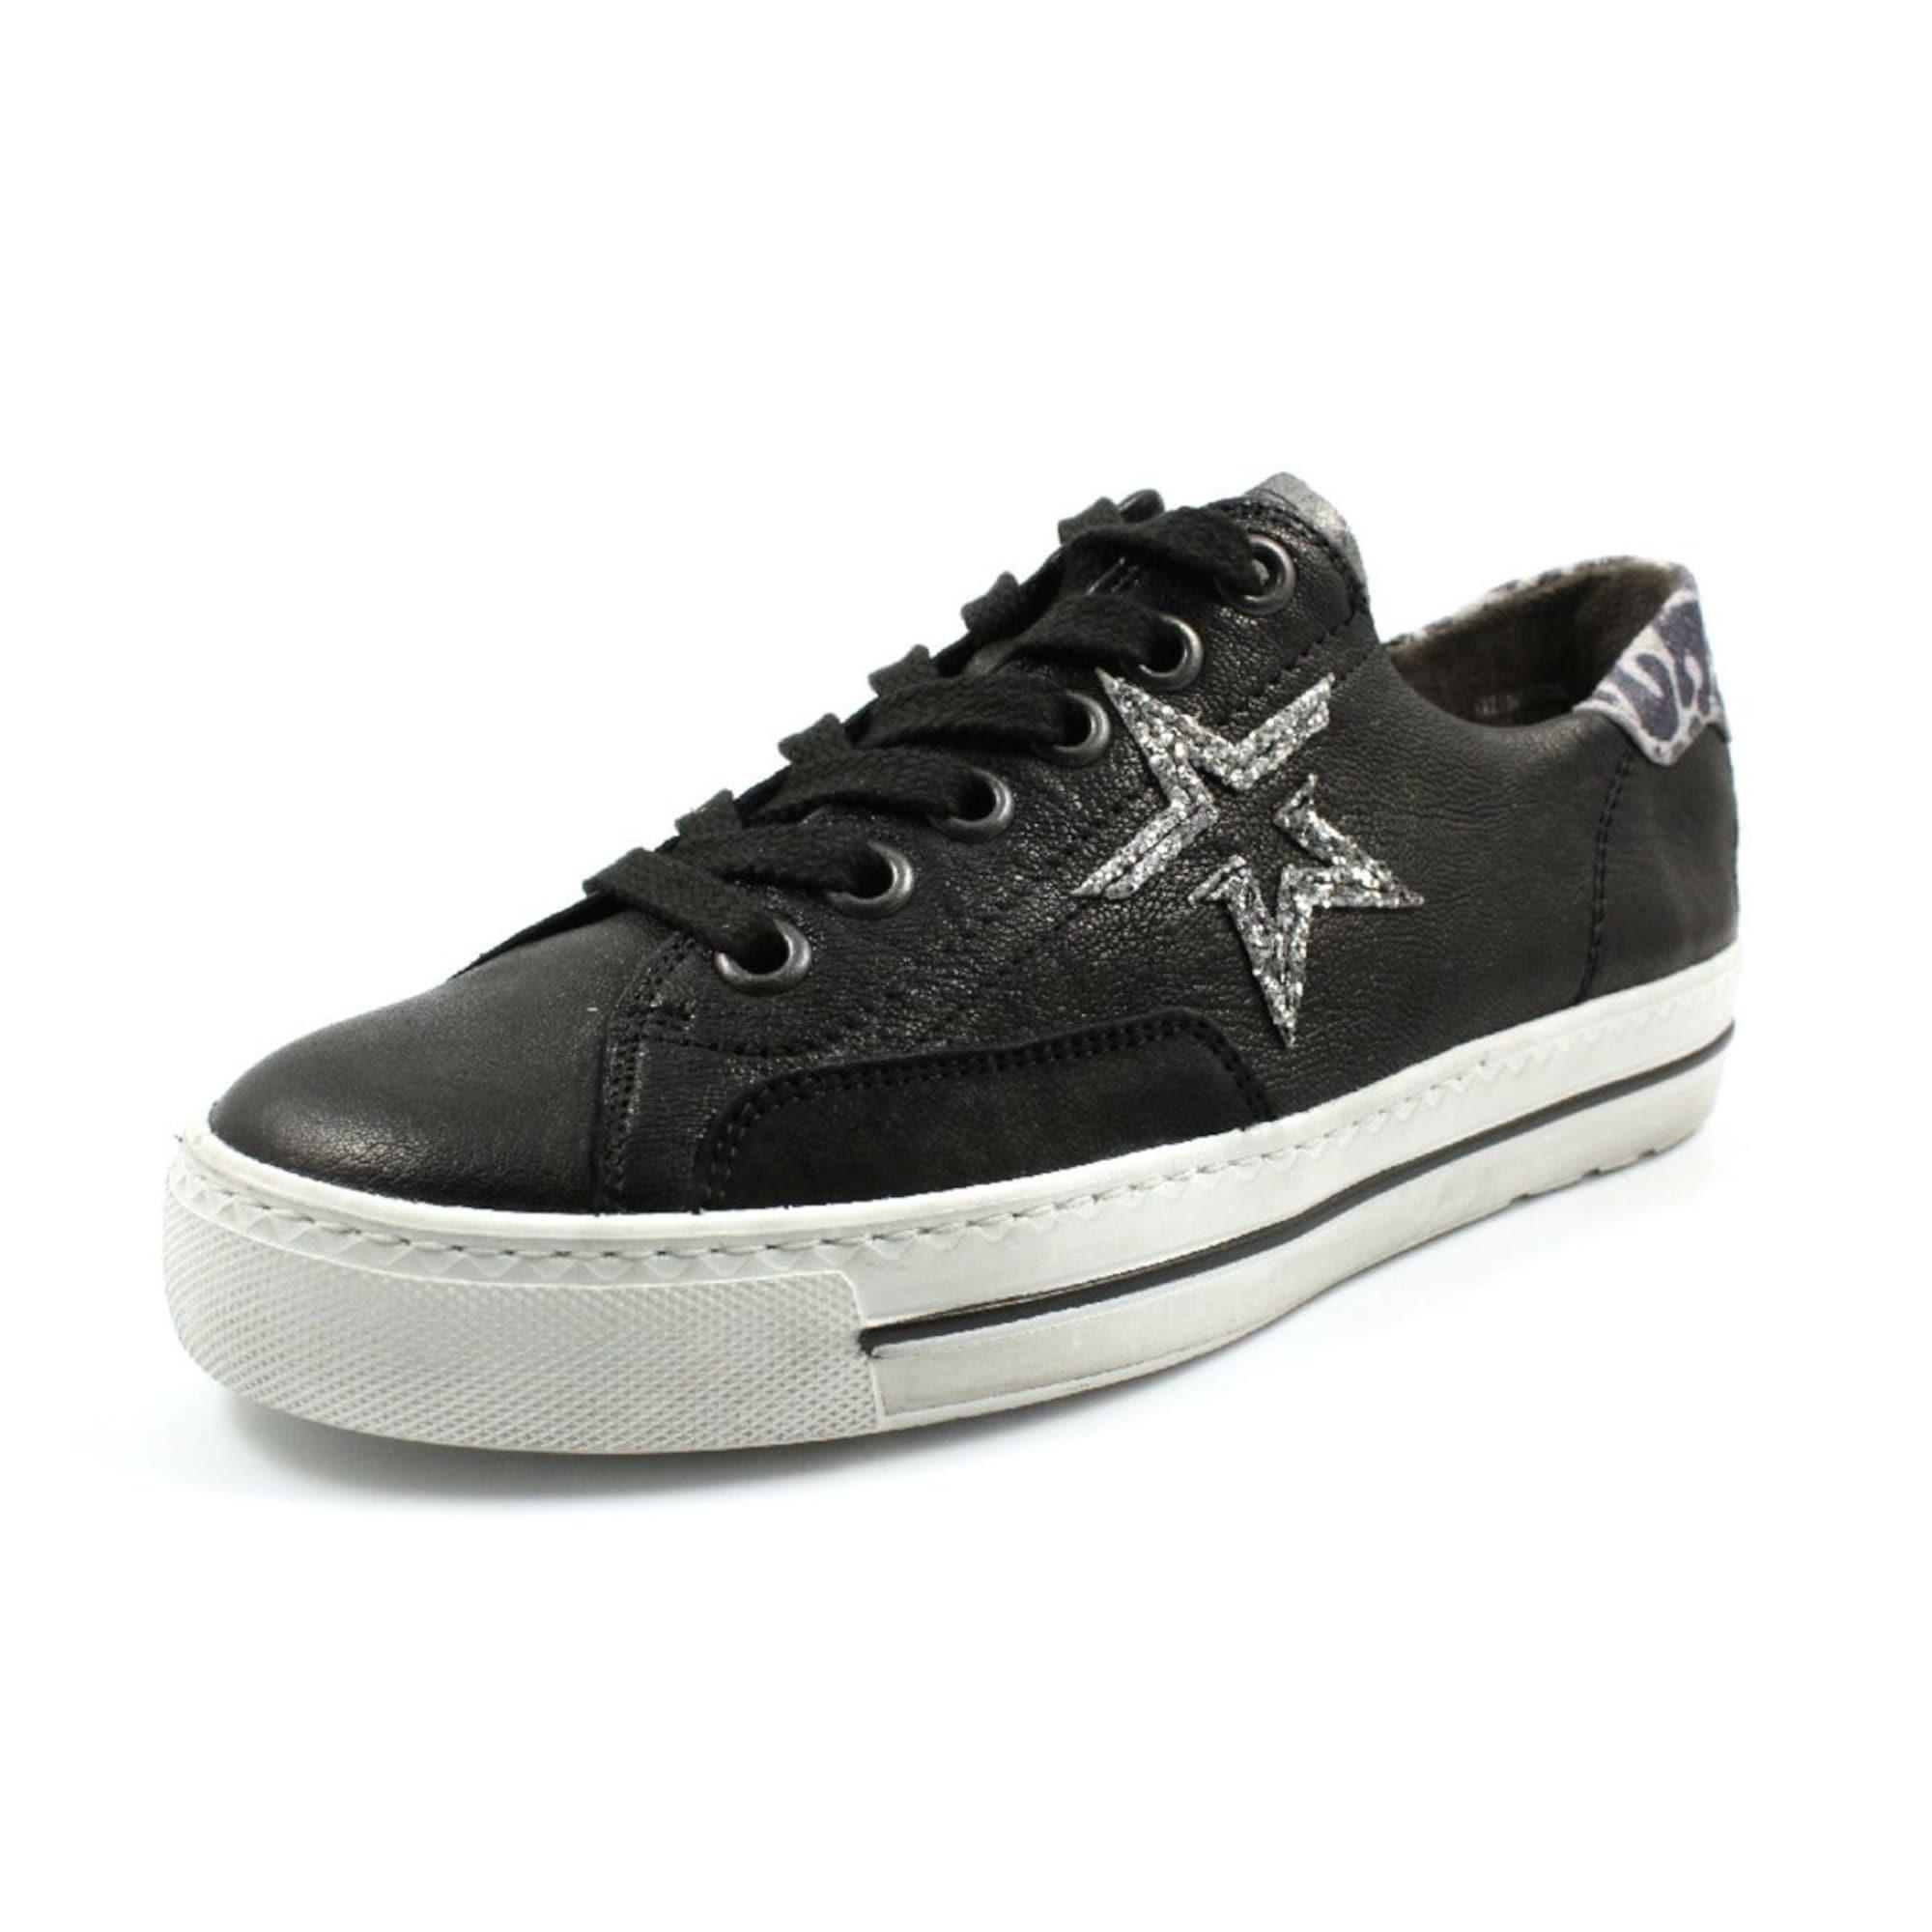 Paul Green Rövid szárú edzőcipők  ezüst / fekete